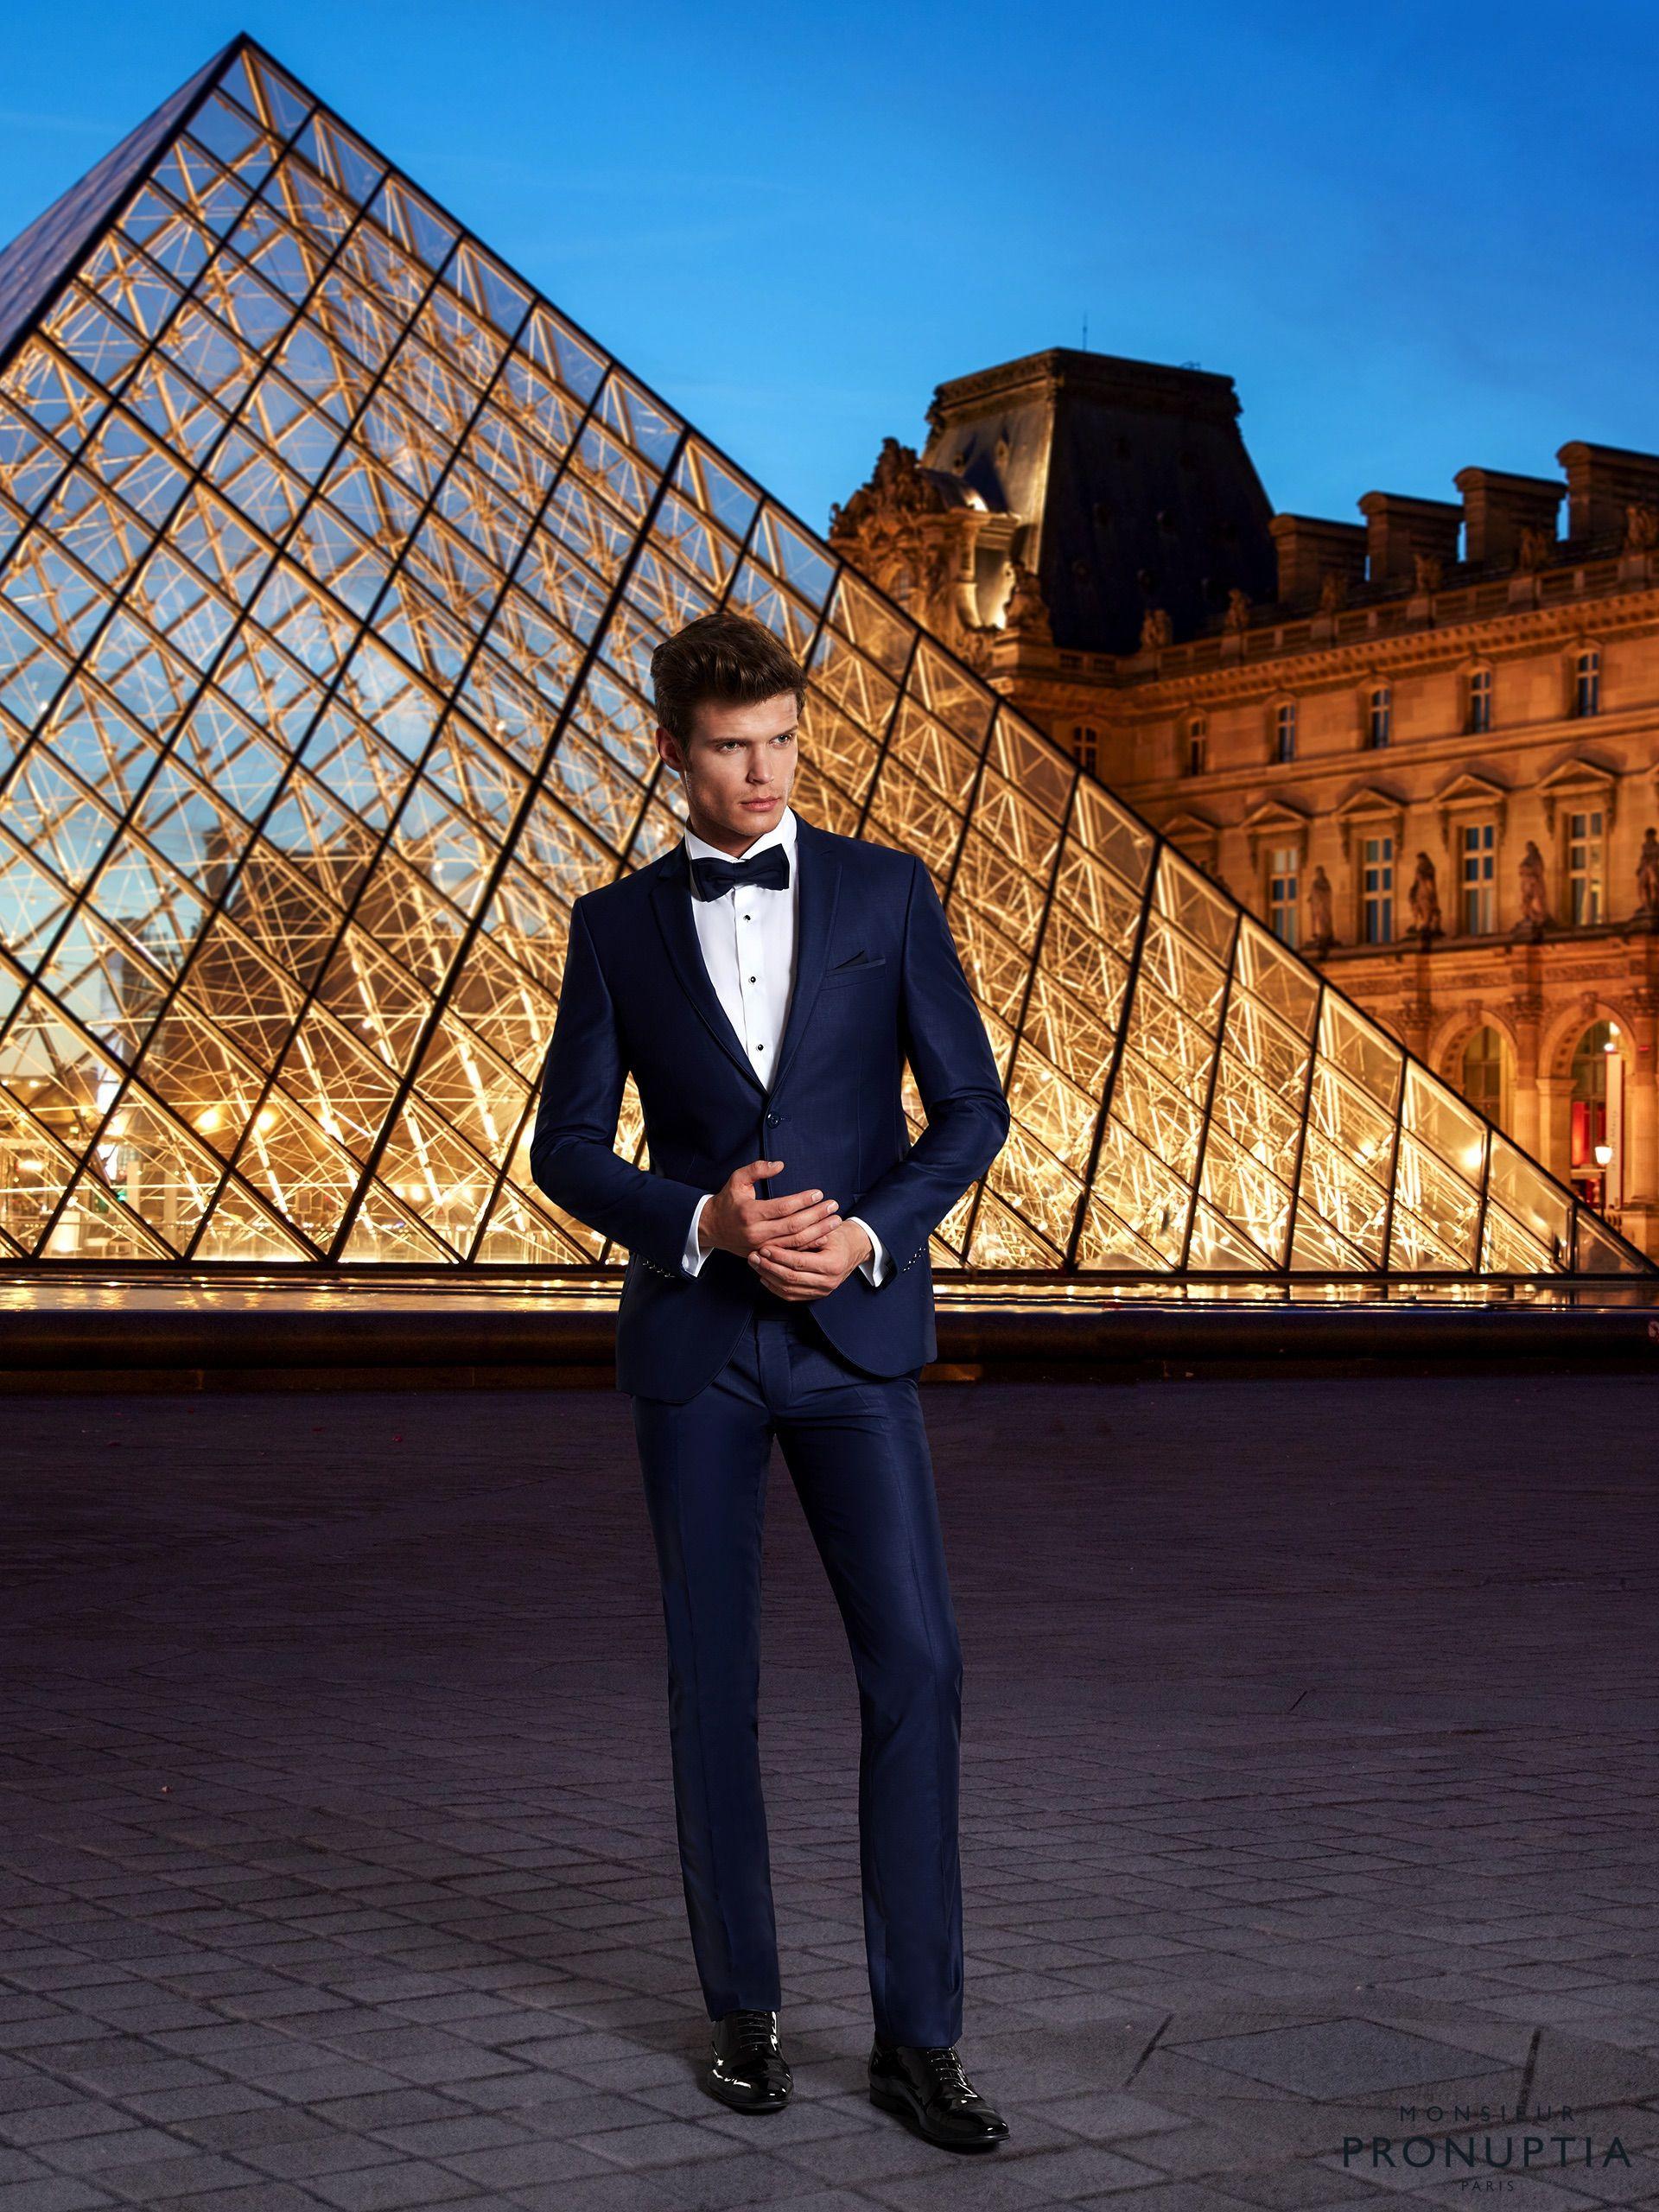 Gilles, collection de costumes et smokings - Pronuptia Monsieur ... 9a3dab5ef53b